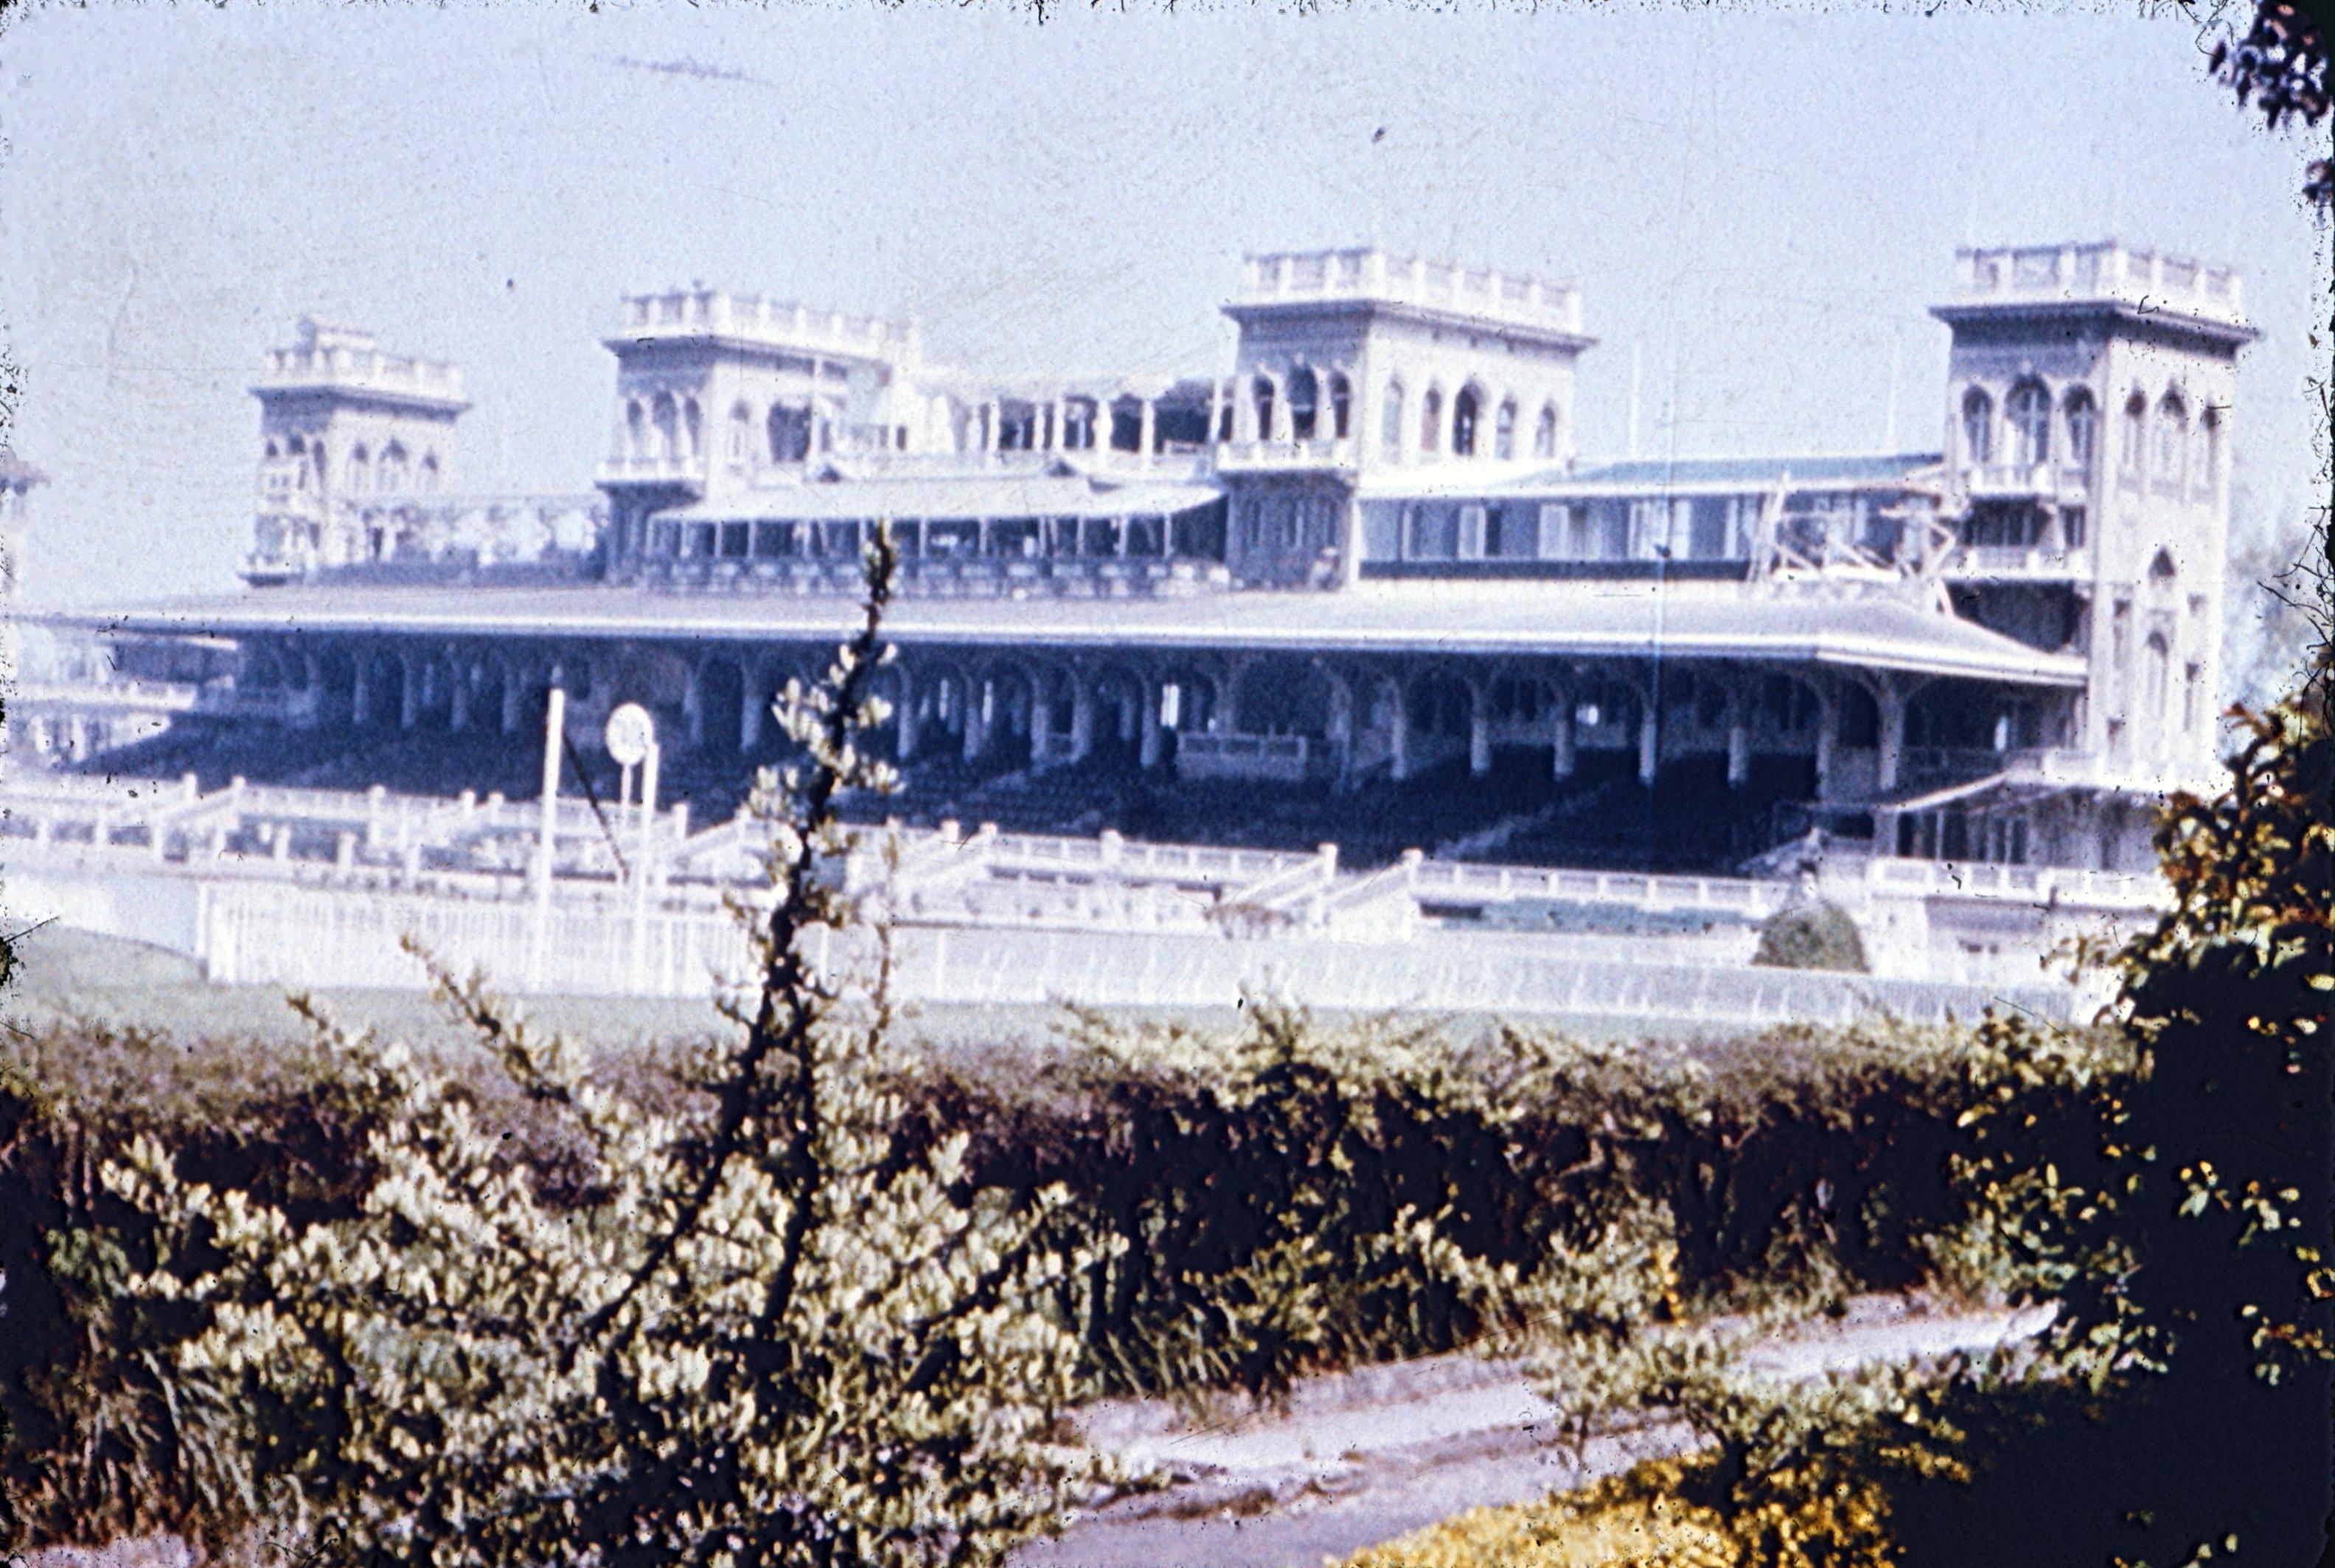 Enterreno - Fotos históricas de chile - fotos antiguas de Chile - Club Hípico de Santiago, años 60s